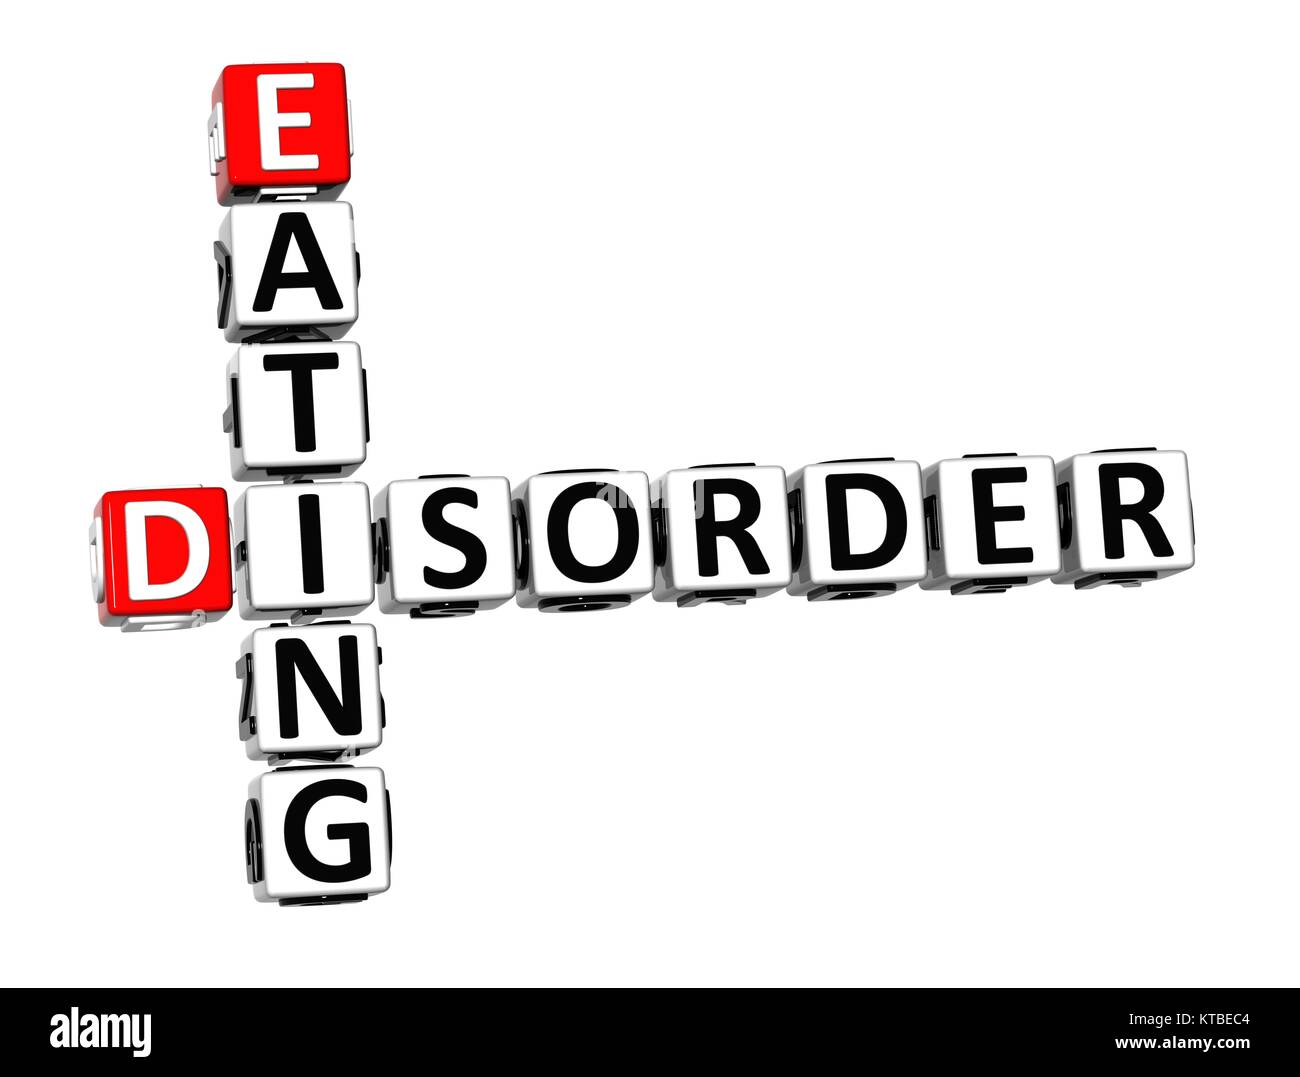 3D Crossword Eating Disorder over white background. - Stock Image